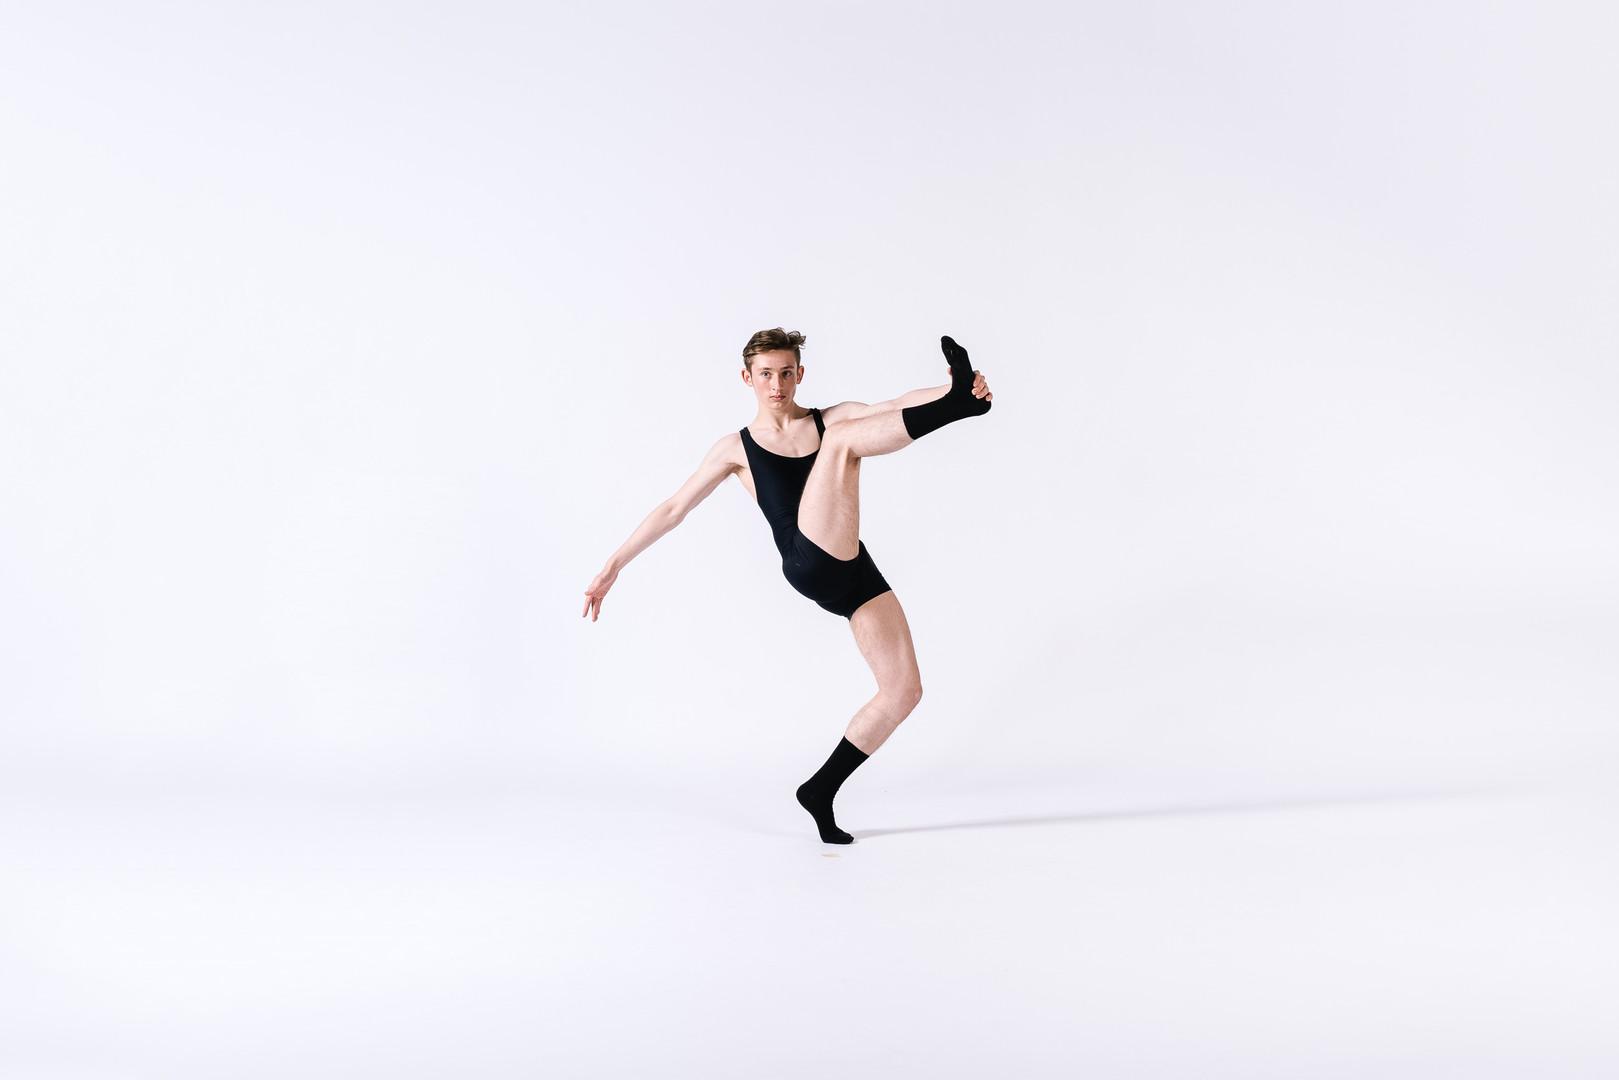 manchester-dance-photographer-24.jpg